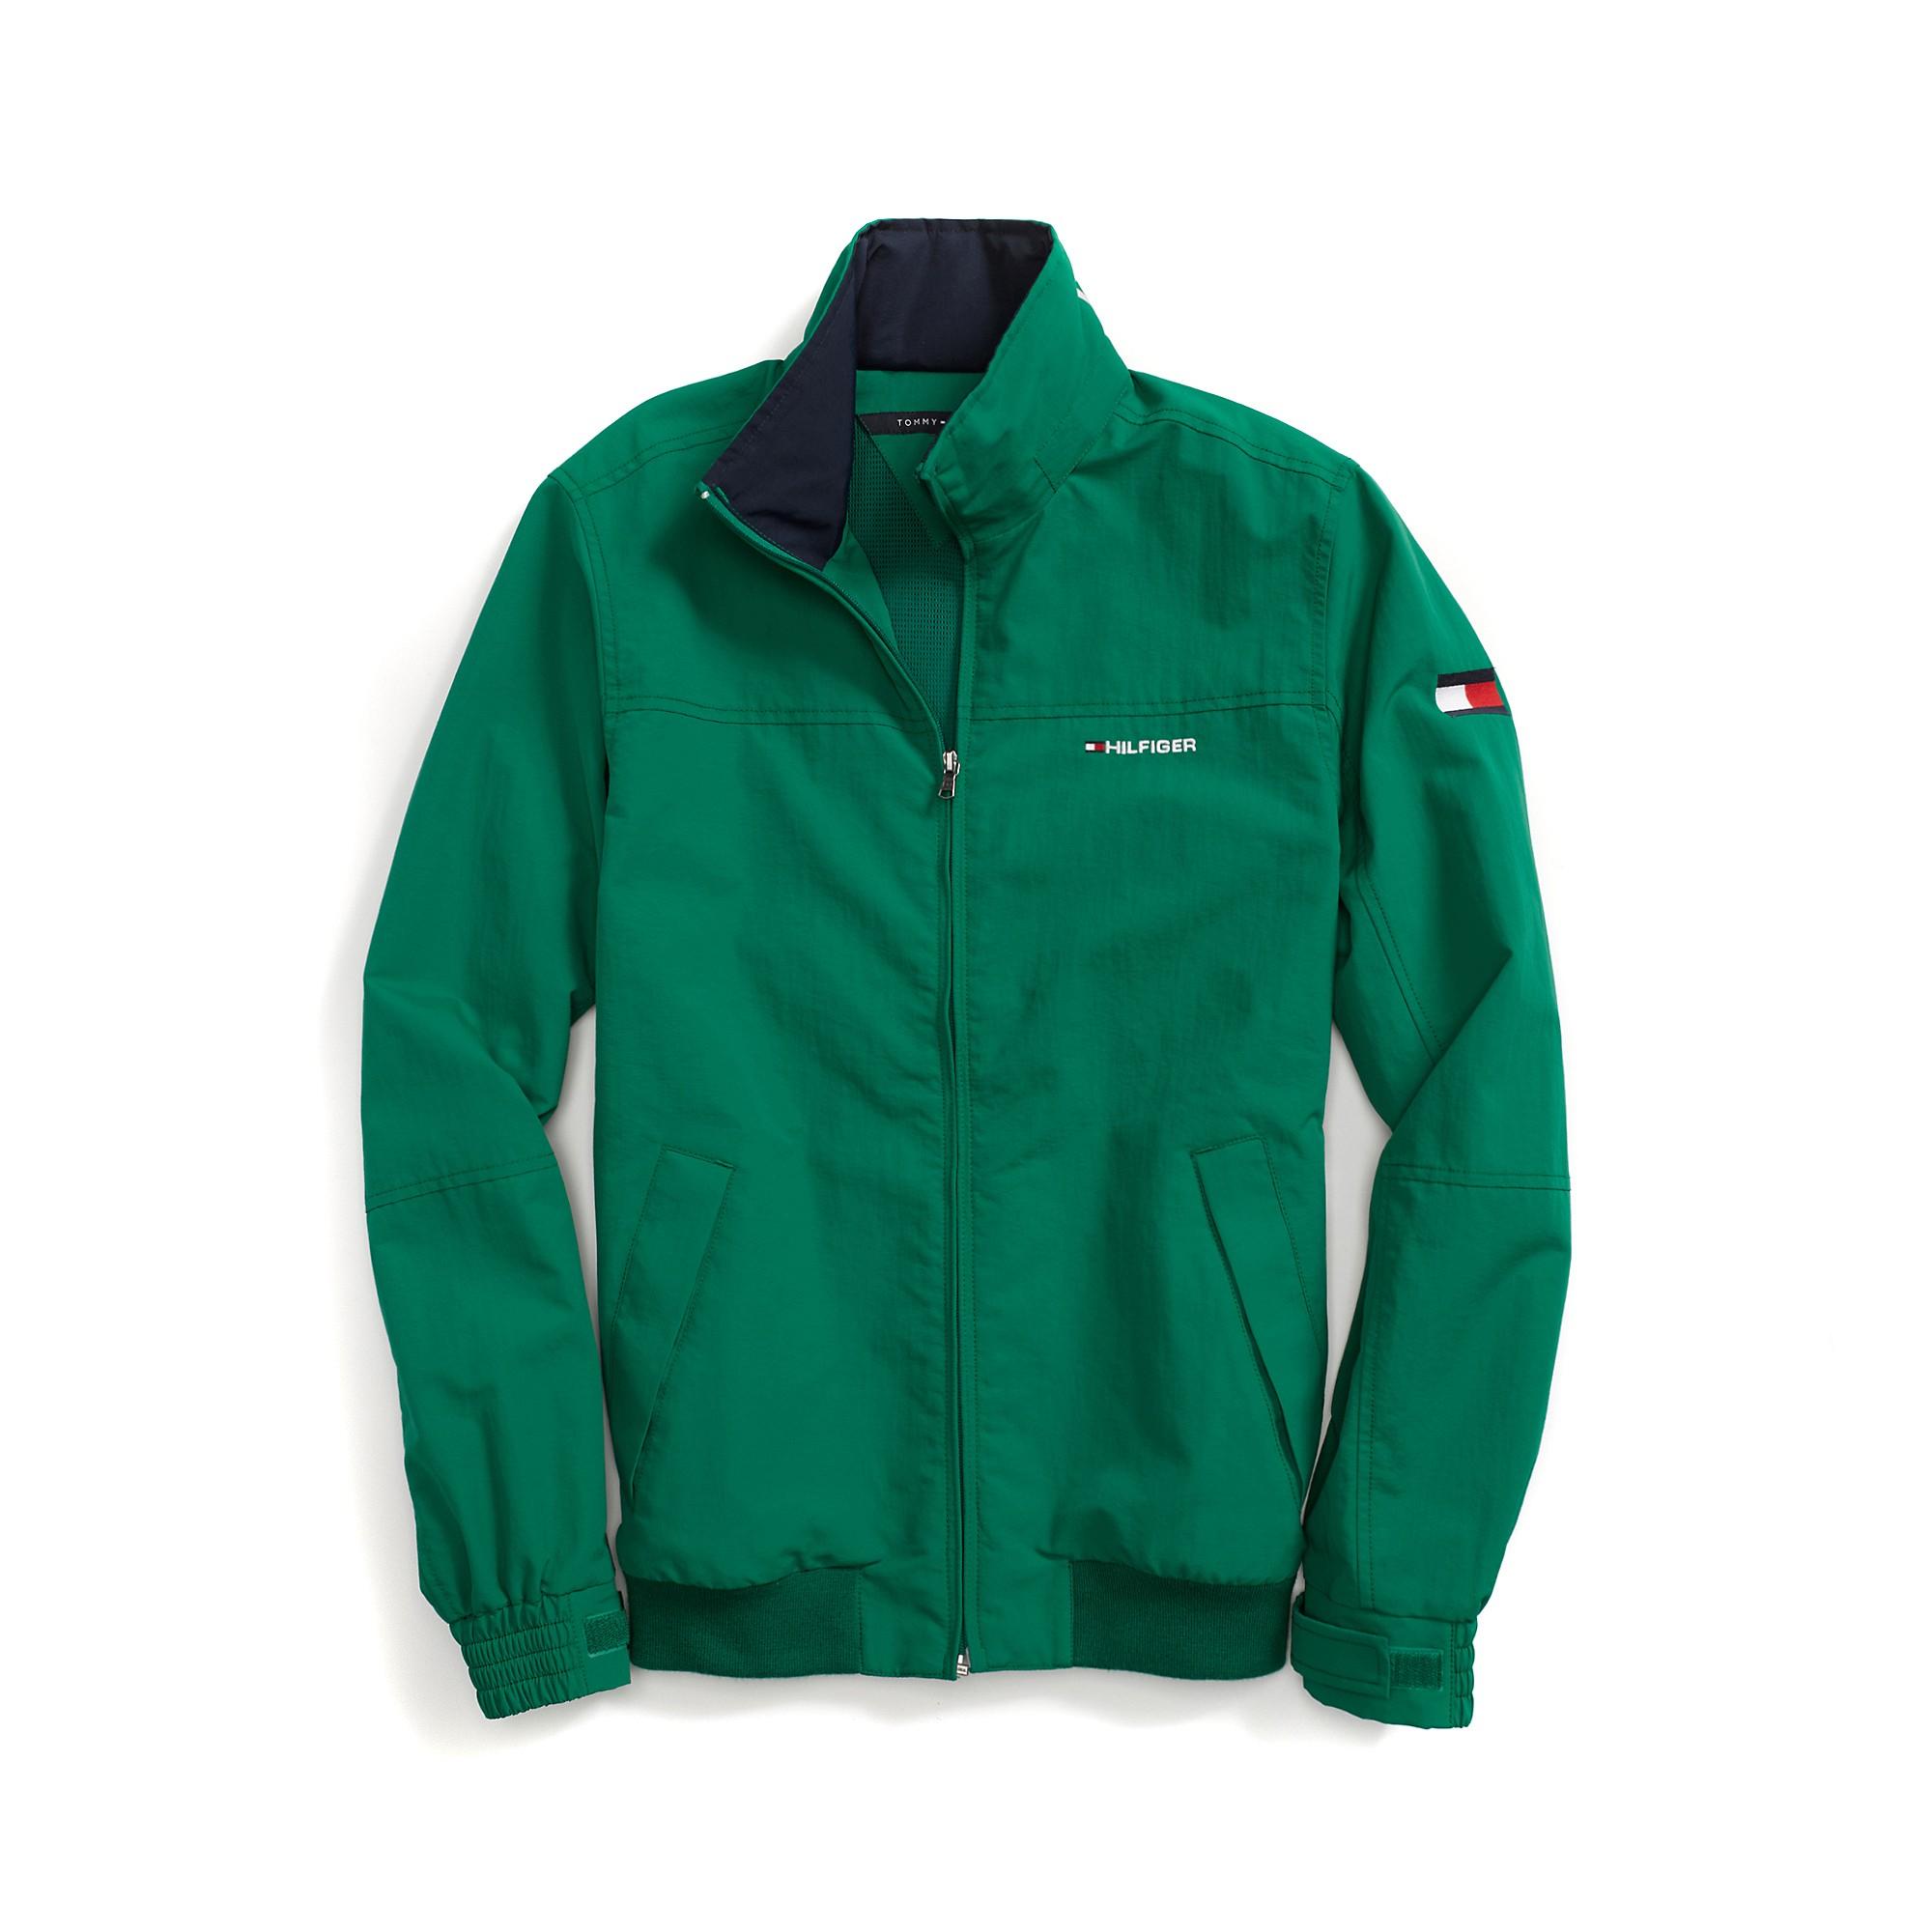 tommy hilfiger yacht jacket in green for men verdant. Black Bedroom Furniture Sets. Home Design Ideas